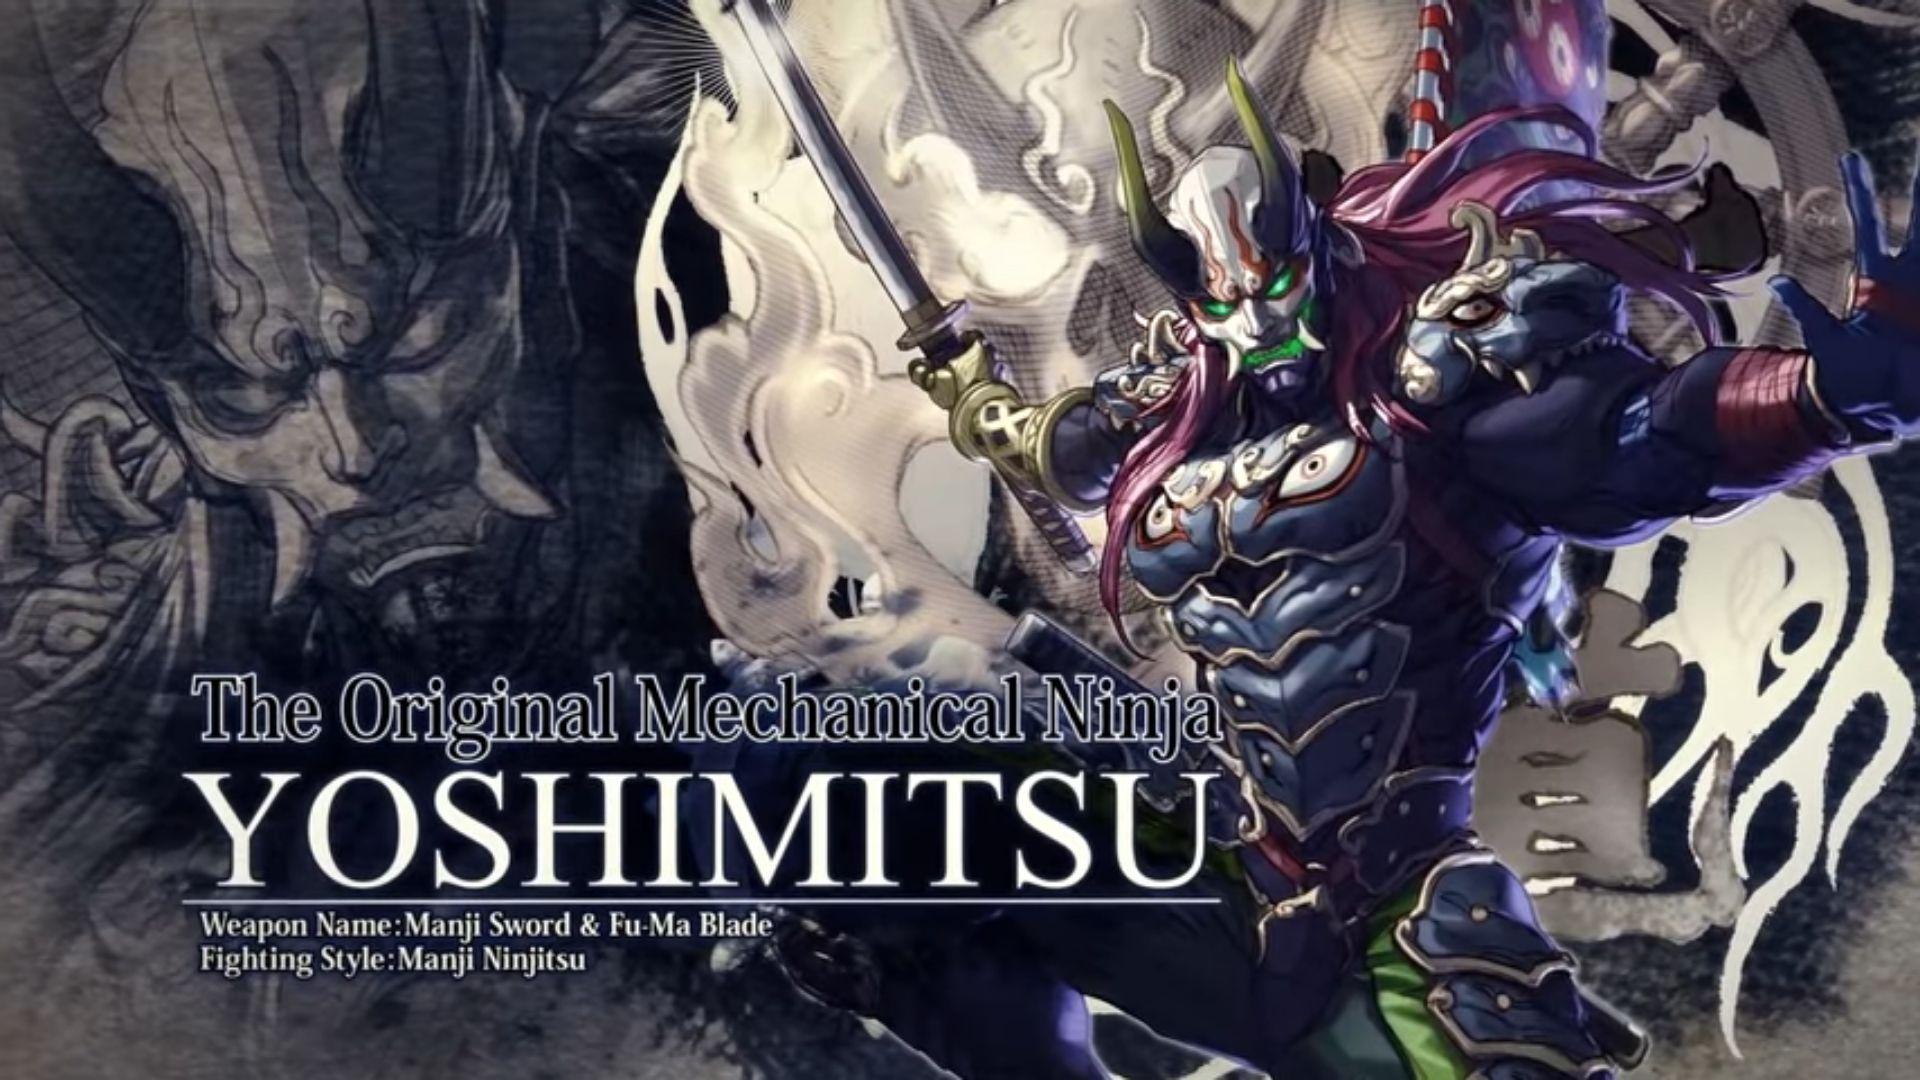 Se filtra otro personaje de SoulCalibur VI, Yoshimitsu